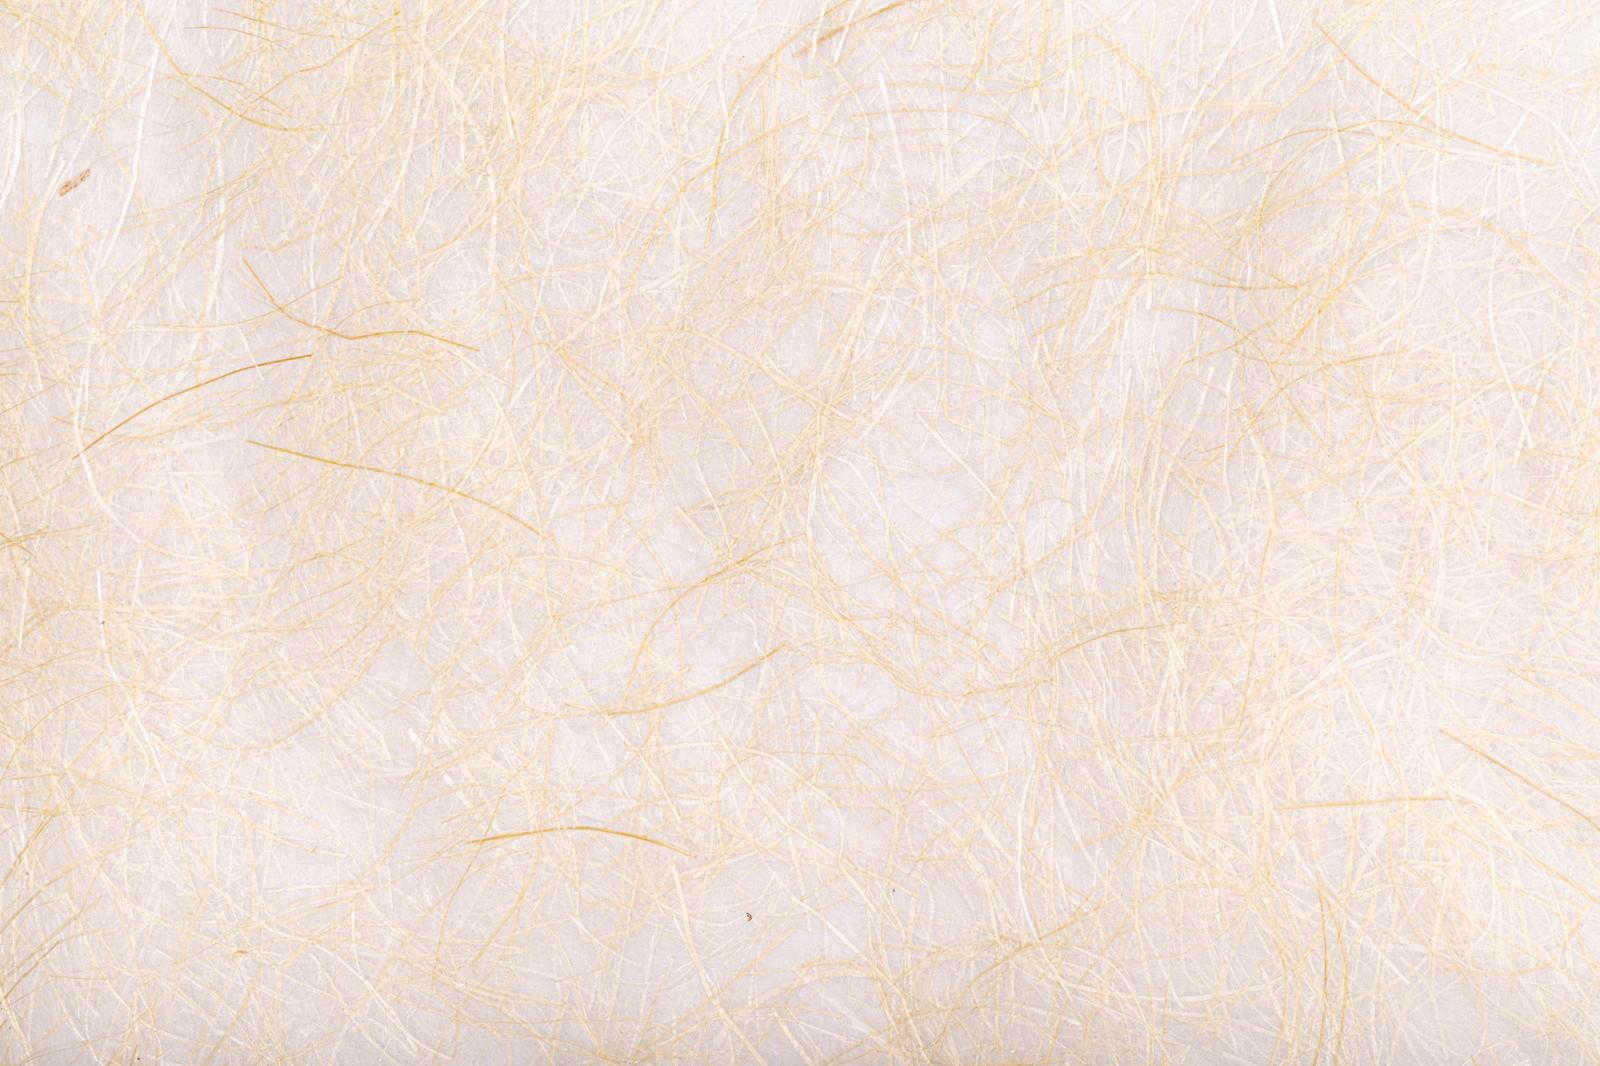 「繊維が多い和紙(テクスチャ)」の写真